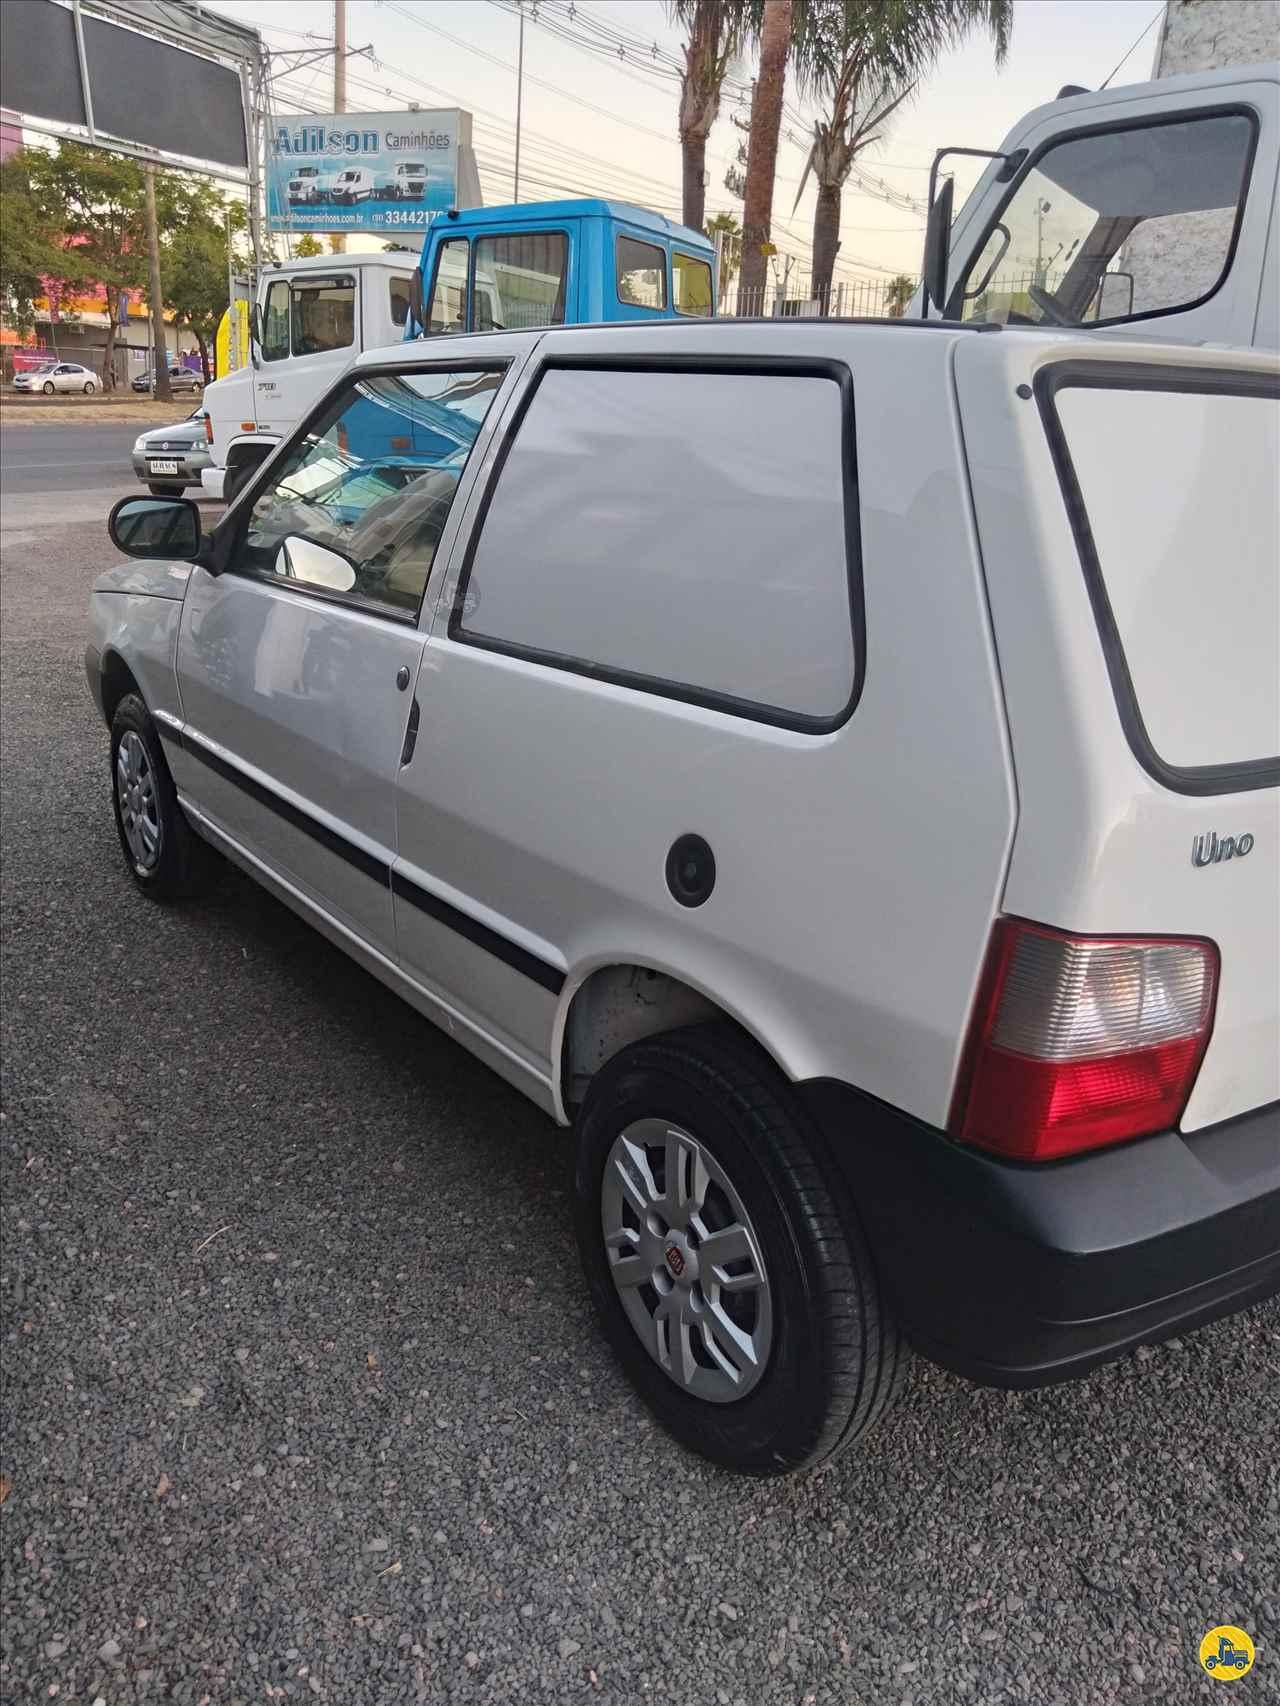 CARRO FIAT Uno Furgao 1.3 Adilson Caminhões PORTO ALEGRE RIO GRANDE DO SUL RS